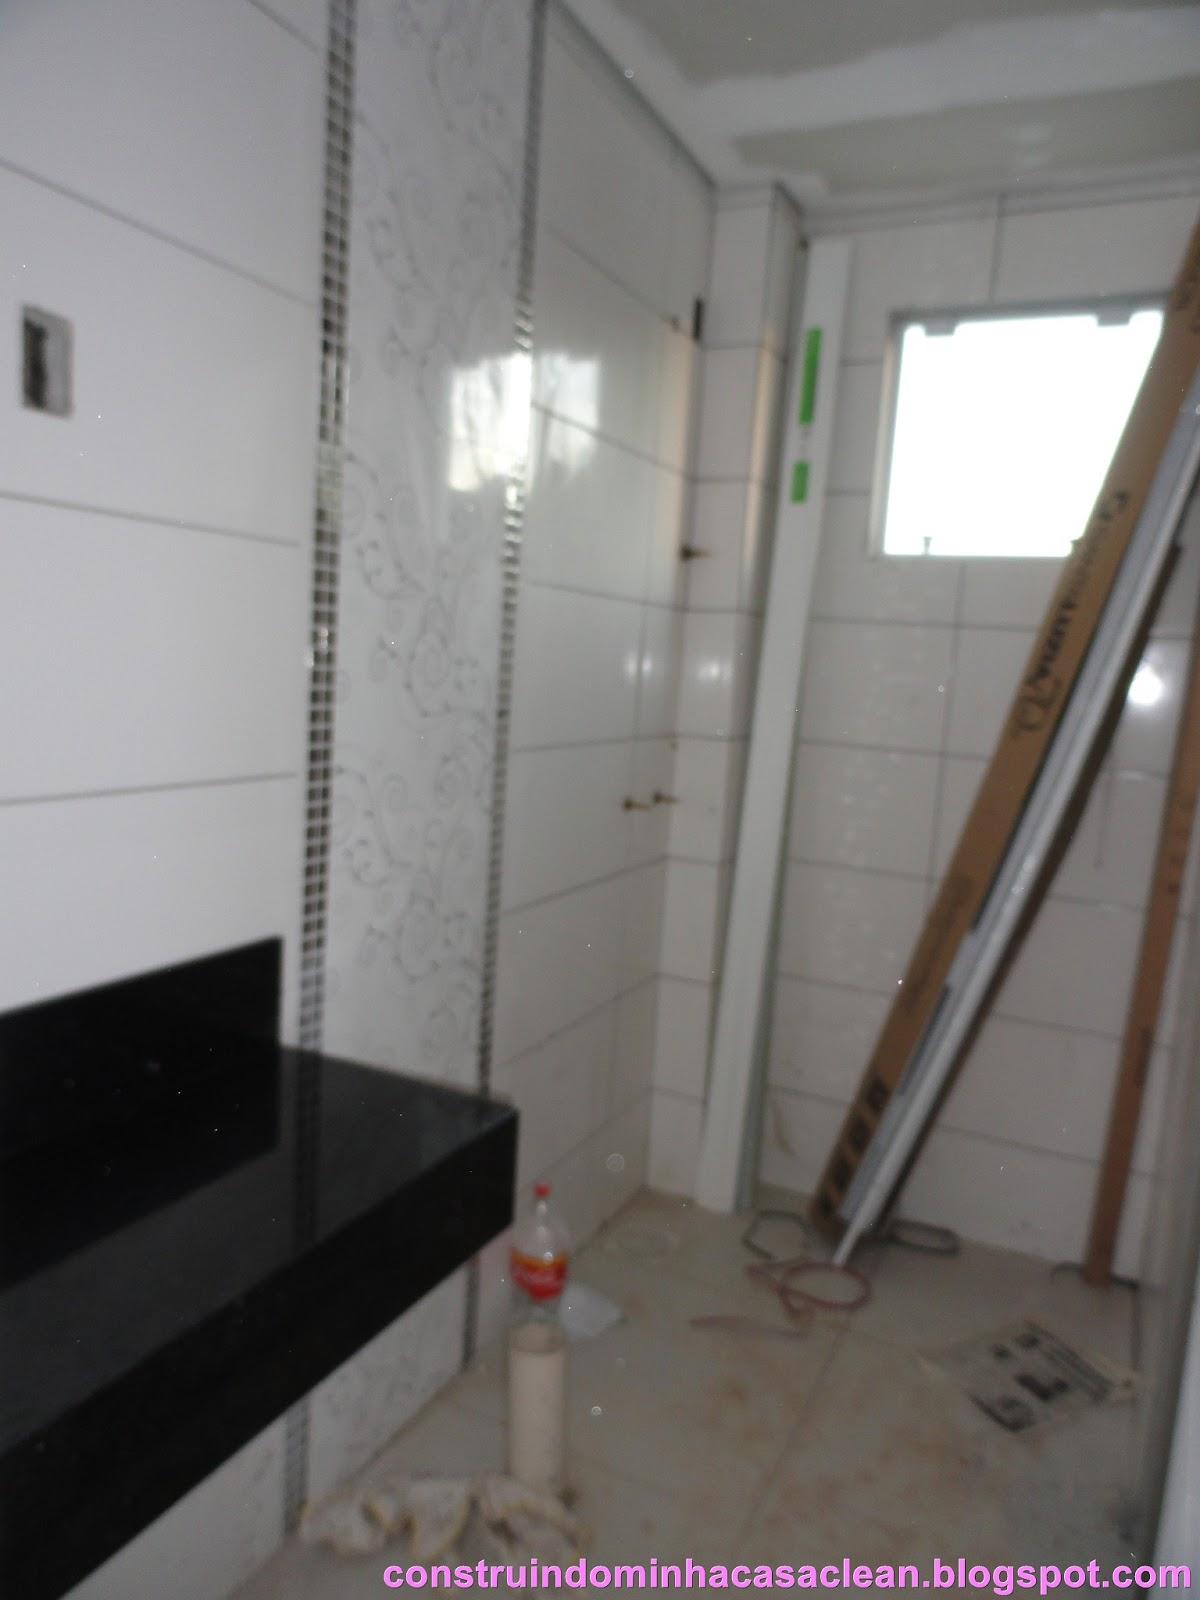 Banheiro social em situação crítica!! rsrs ainda sem os rejuntes  #8B4089 1200x1600 Banheiro Branco Com Rejunte Escuro